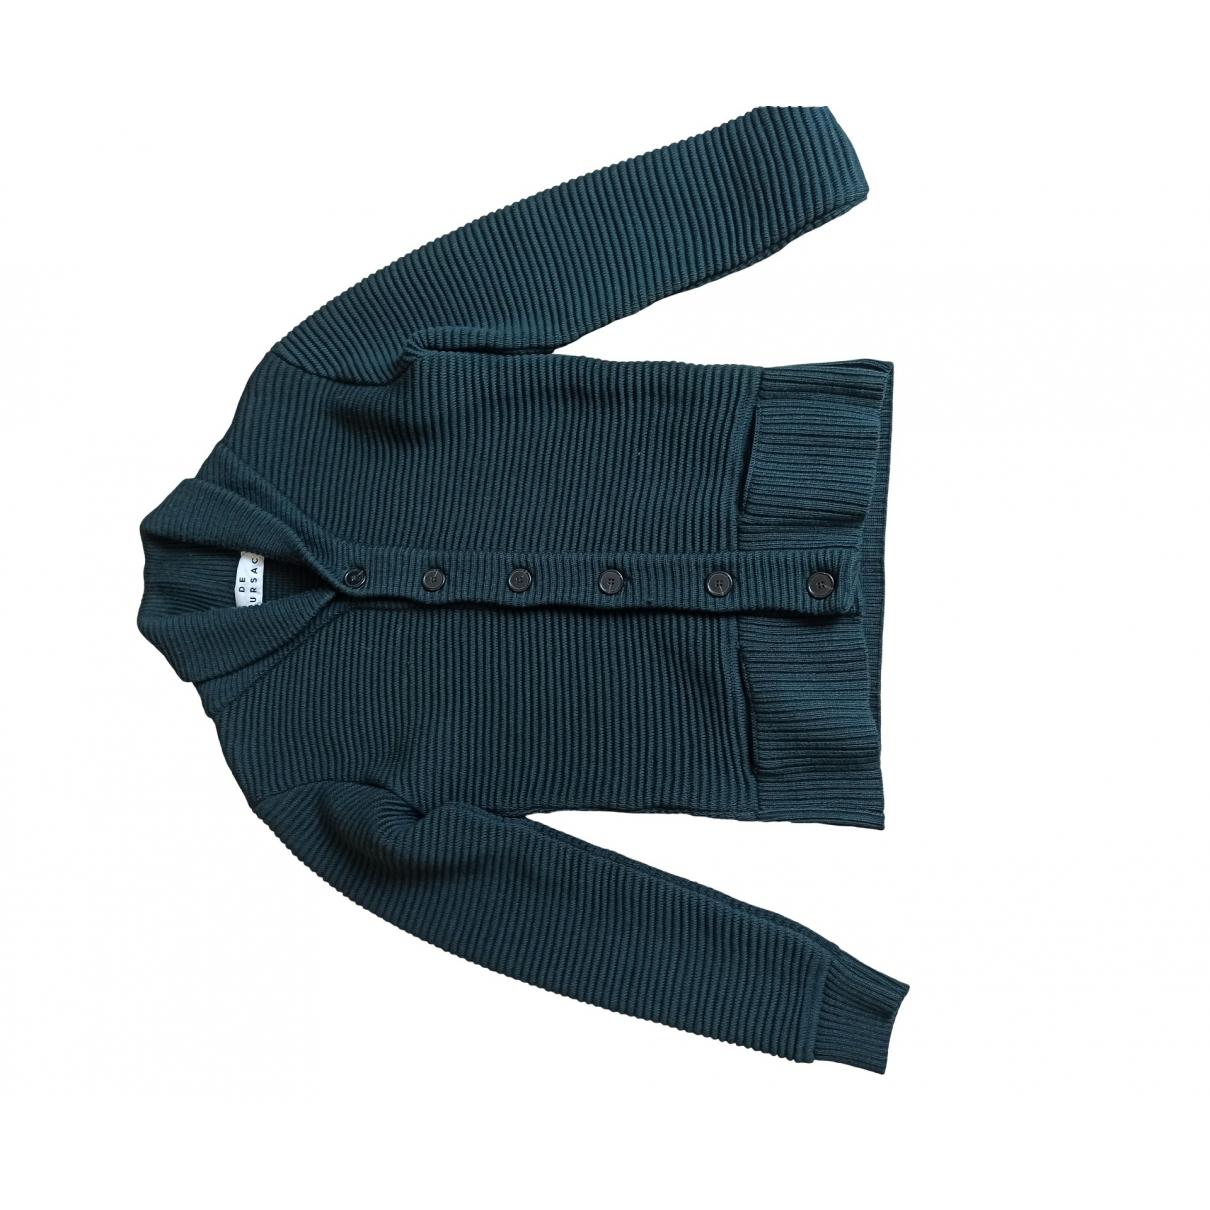 De Fursac - Pulls.Gilets.Sweats   pour homme en laine - vert